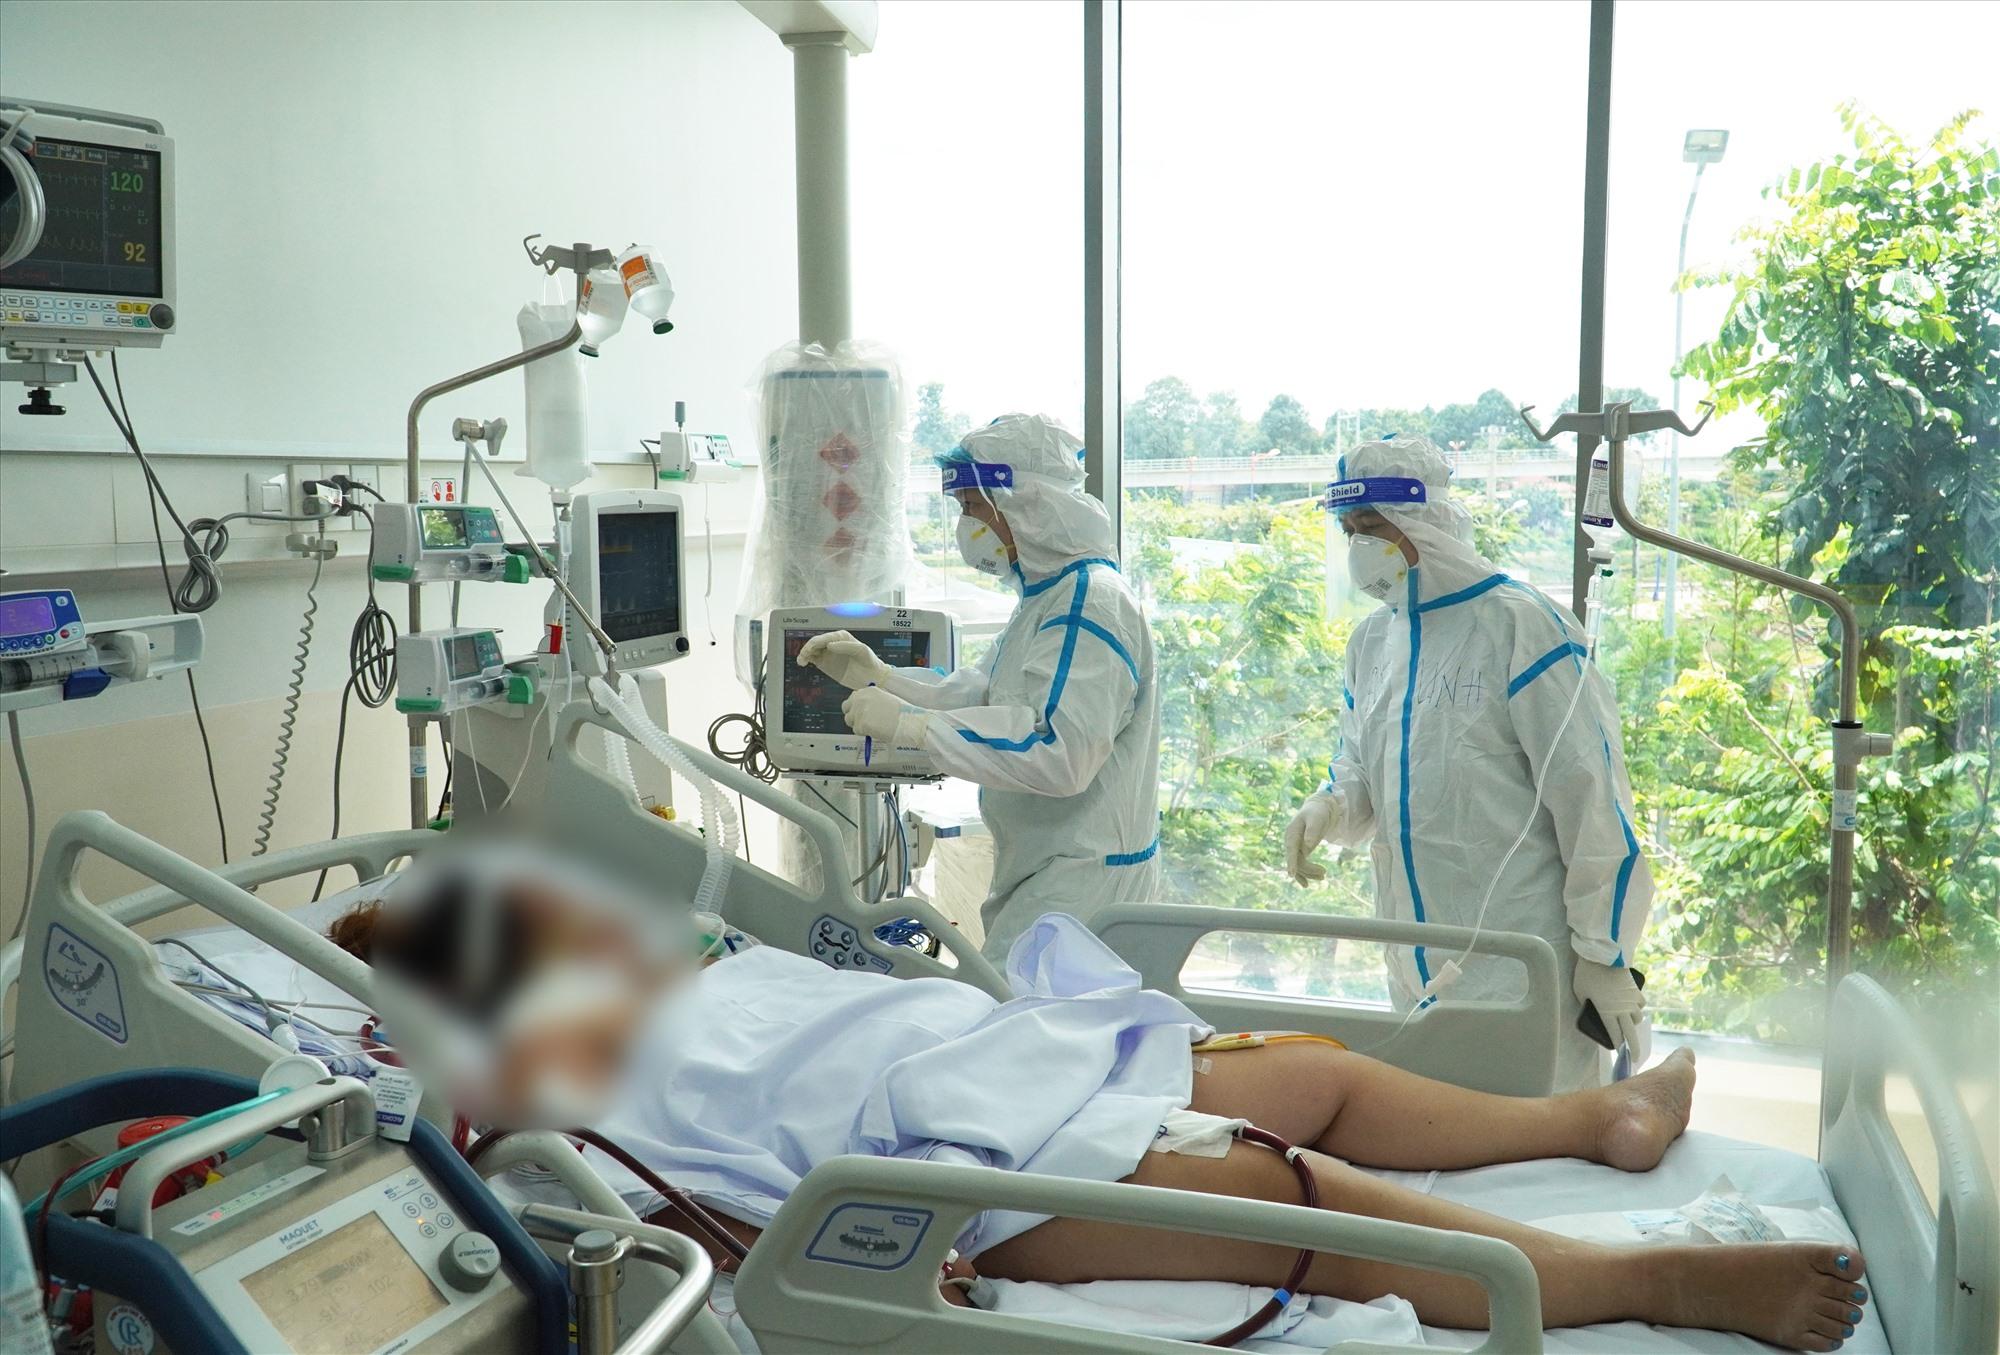 Chăm sóc cho bệnh nhân Covid-19 tại Bệnh viện Dã chiến số 1 Thủ Đức. Ảnh: HOÀNG LAN